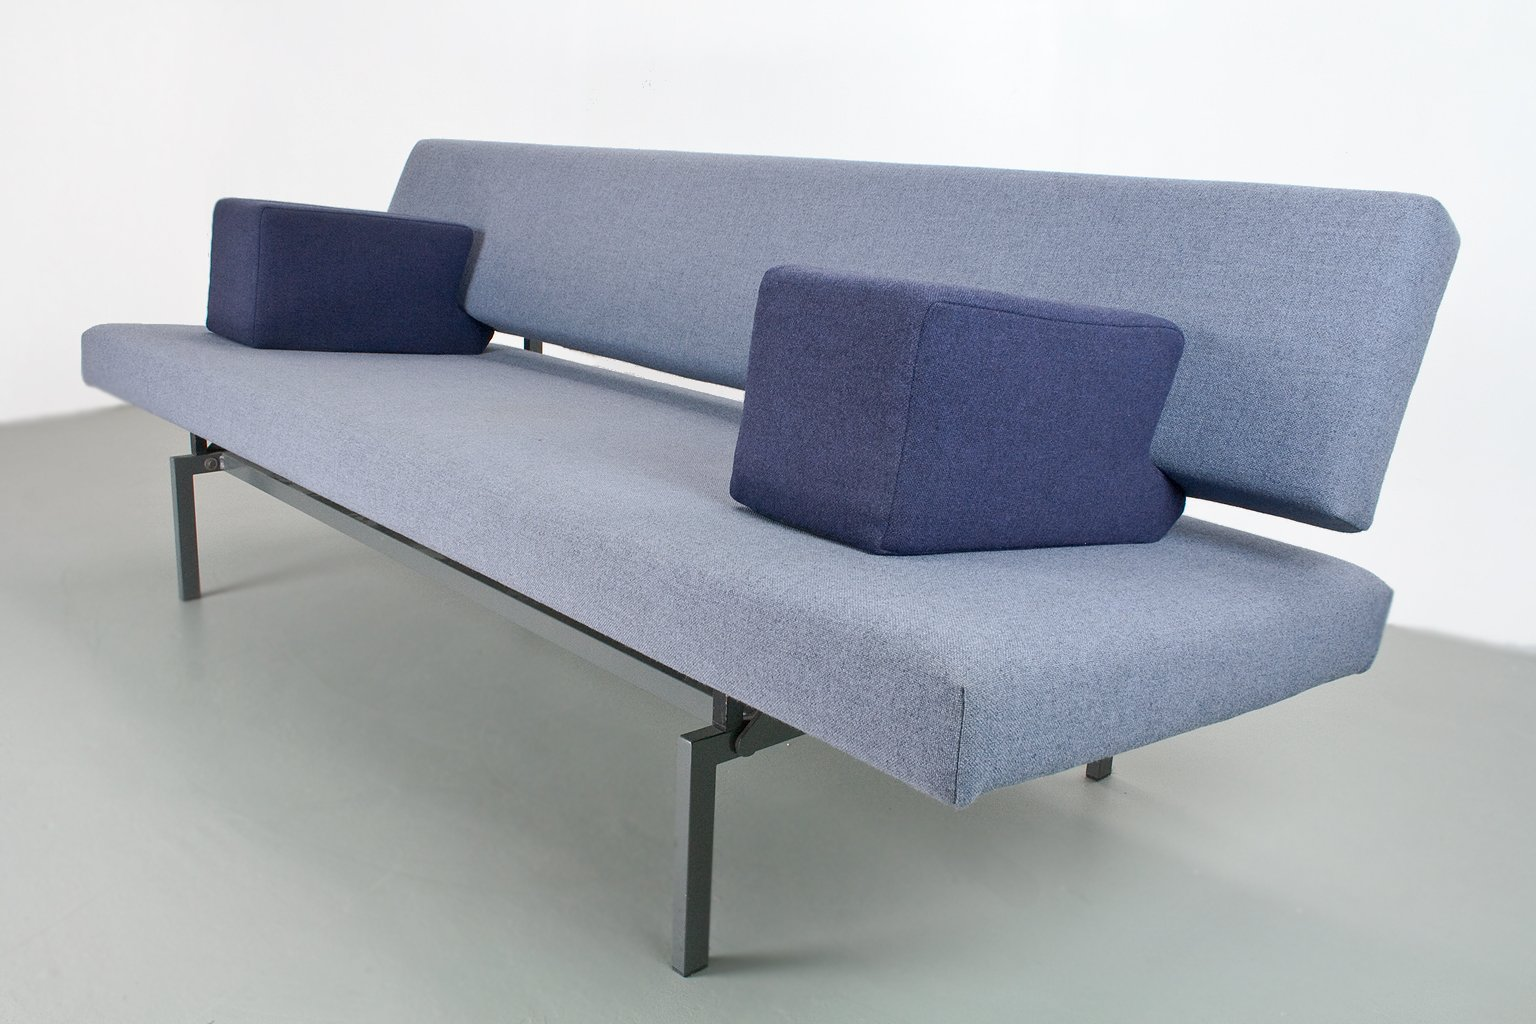 model 540 sofa bed by van der sluis 1960s for sale at pamono. Black Bedroom Furniture Sets. Home Design Ideas